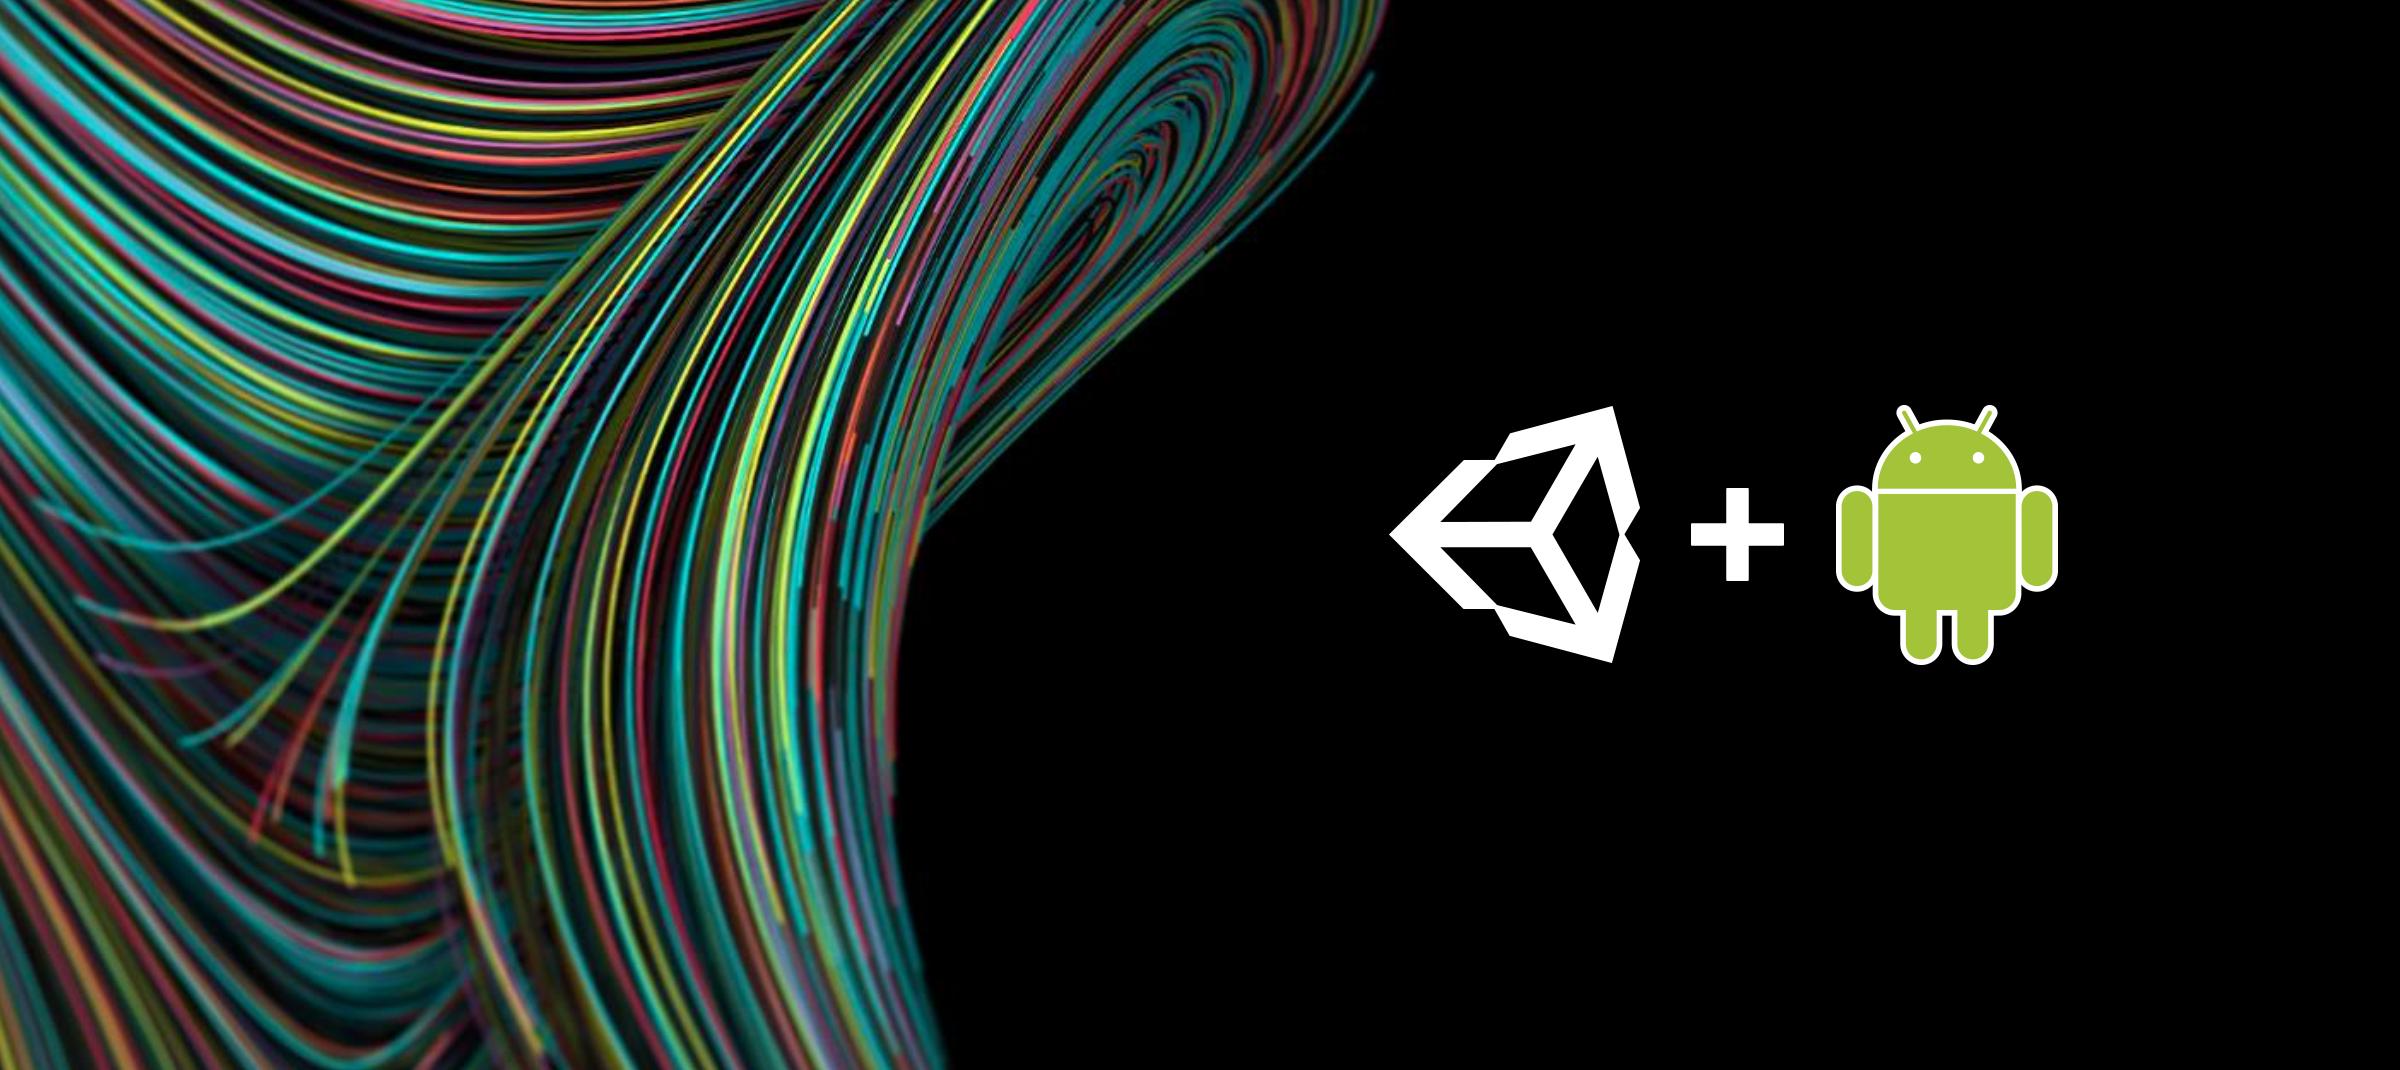 Пишем плагин для Unity правильно. Часть 2: Android - 1